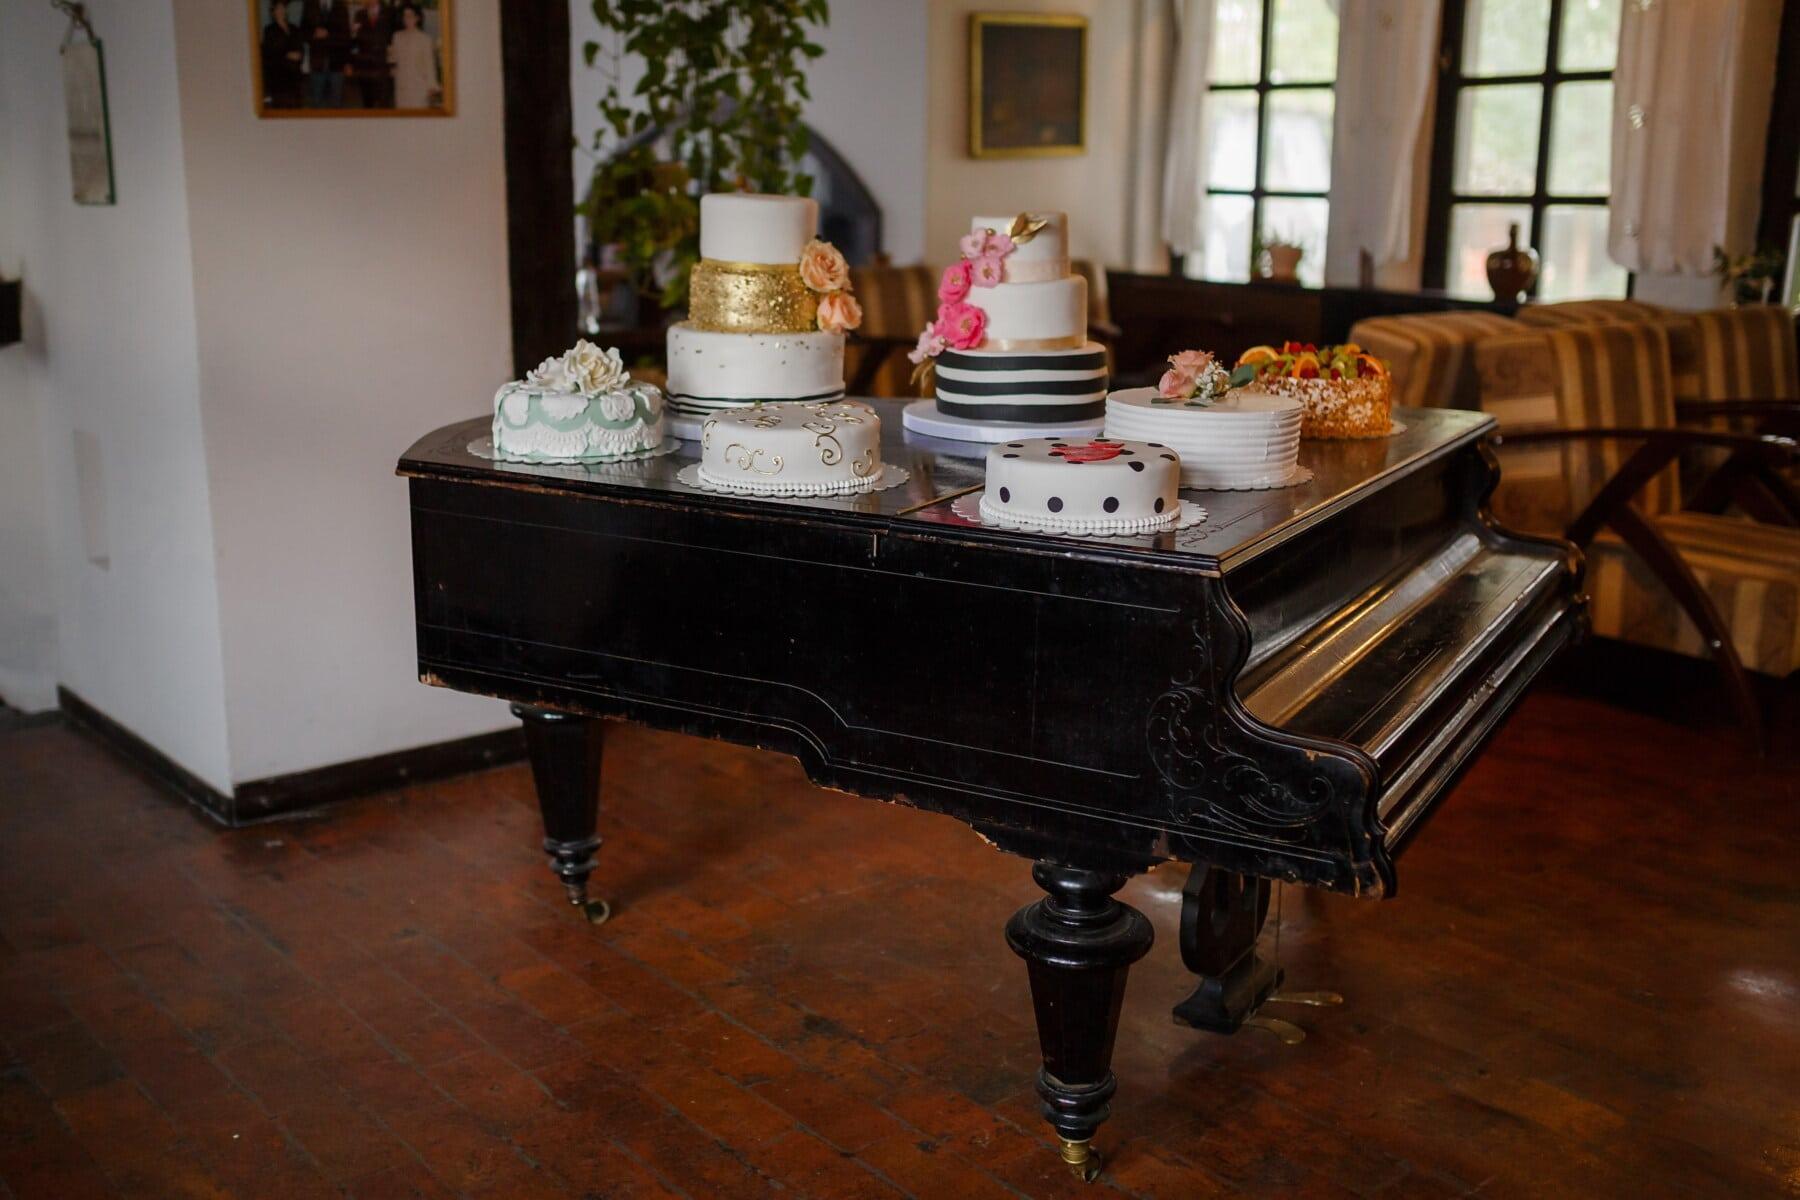 Klavier, Hochzeitstorte, Möbel, Wohnzimmer, drinnen, Interieur-design, Haus, Zimmer, Sitz, Haus